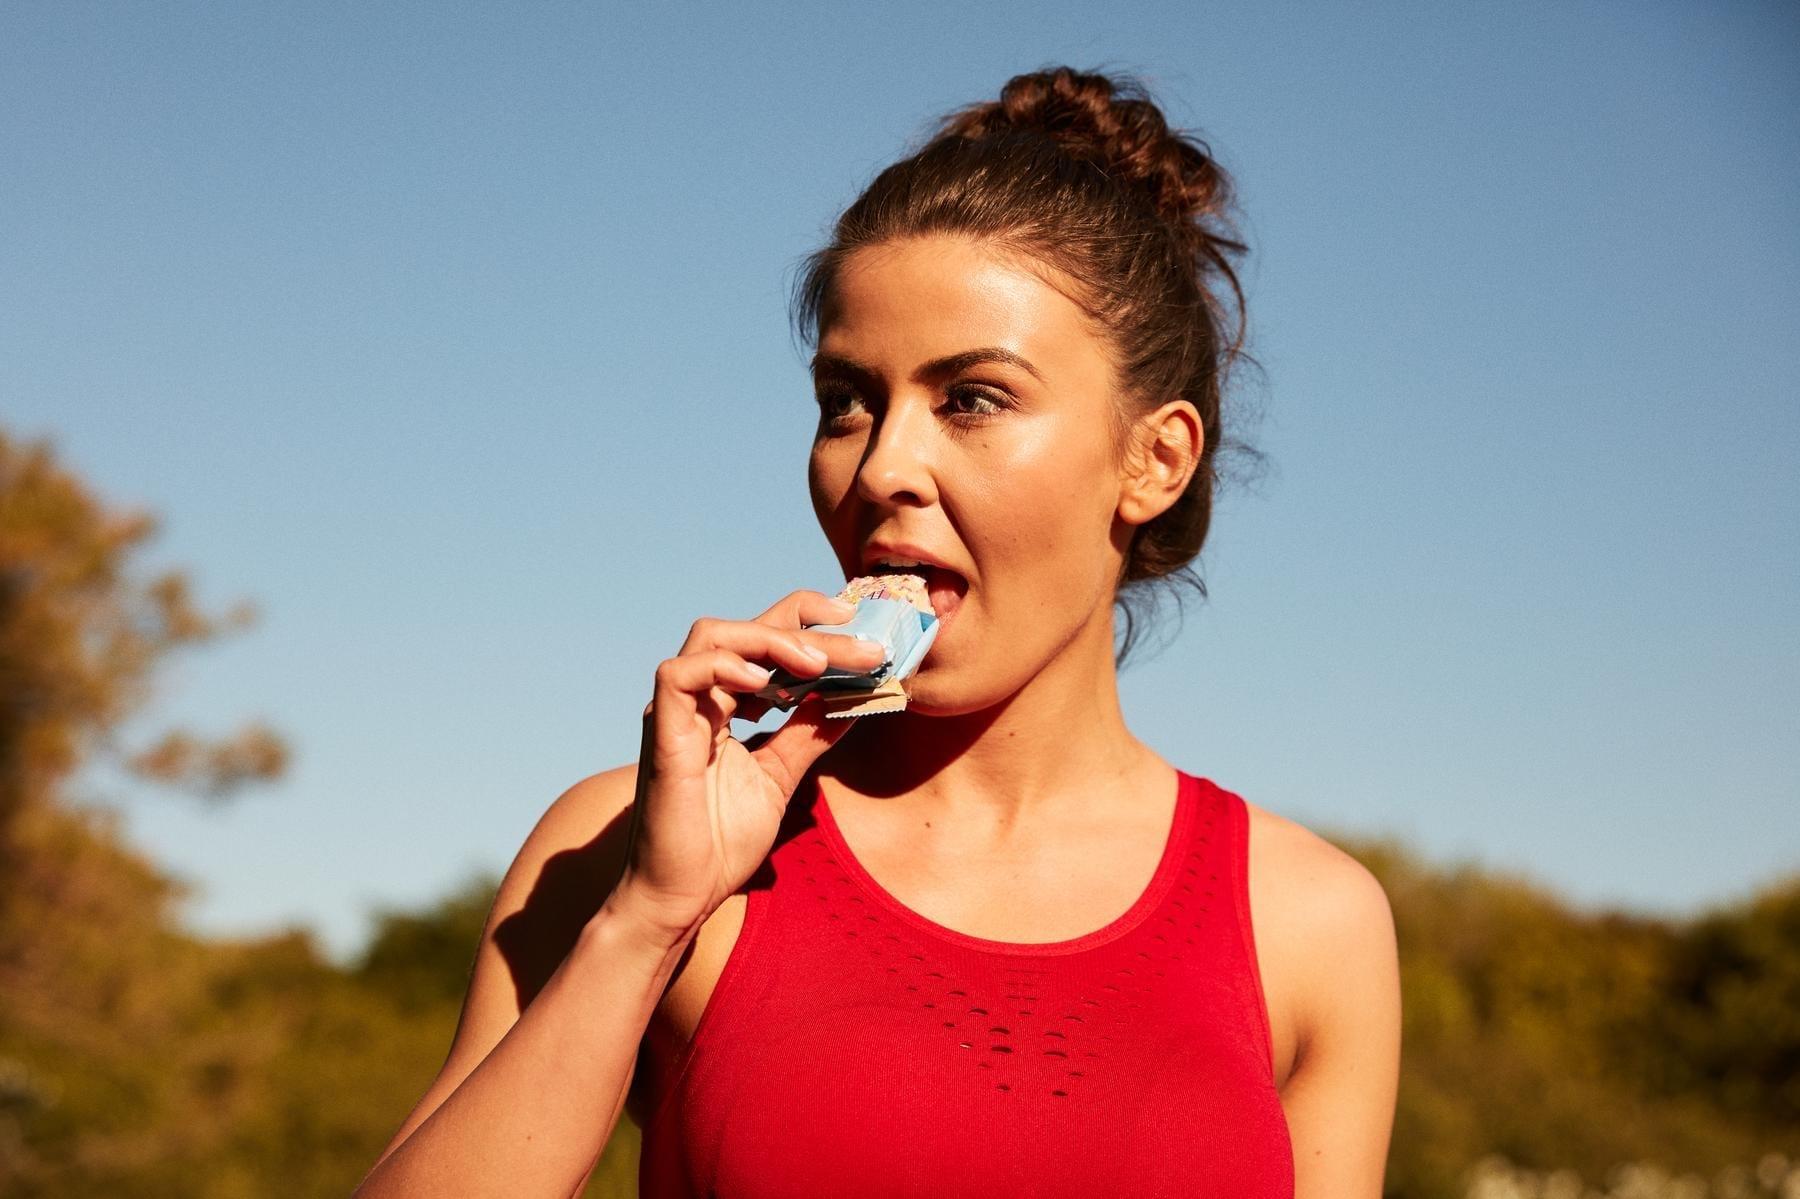 Qué comer después de entrenar | Snacks y comidas post-entrenamiento